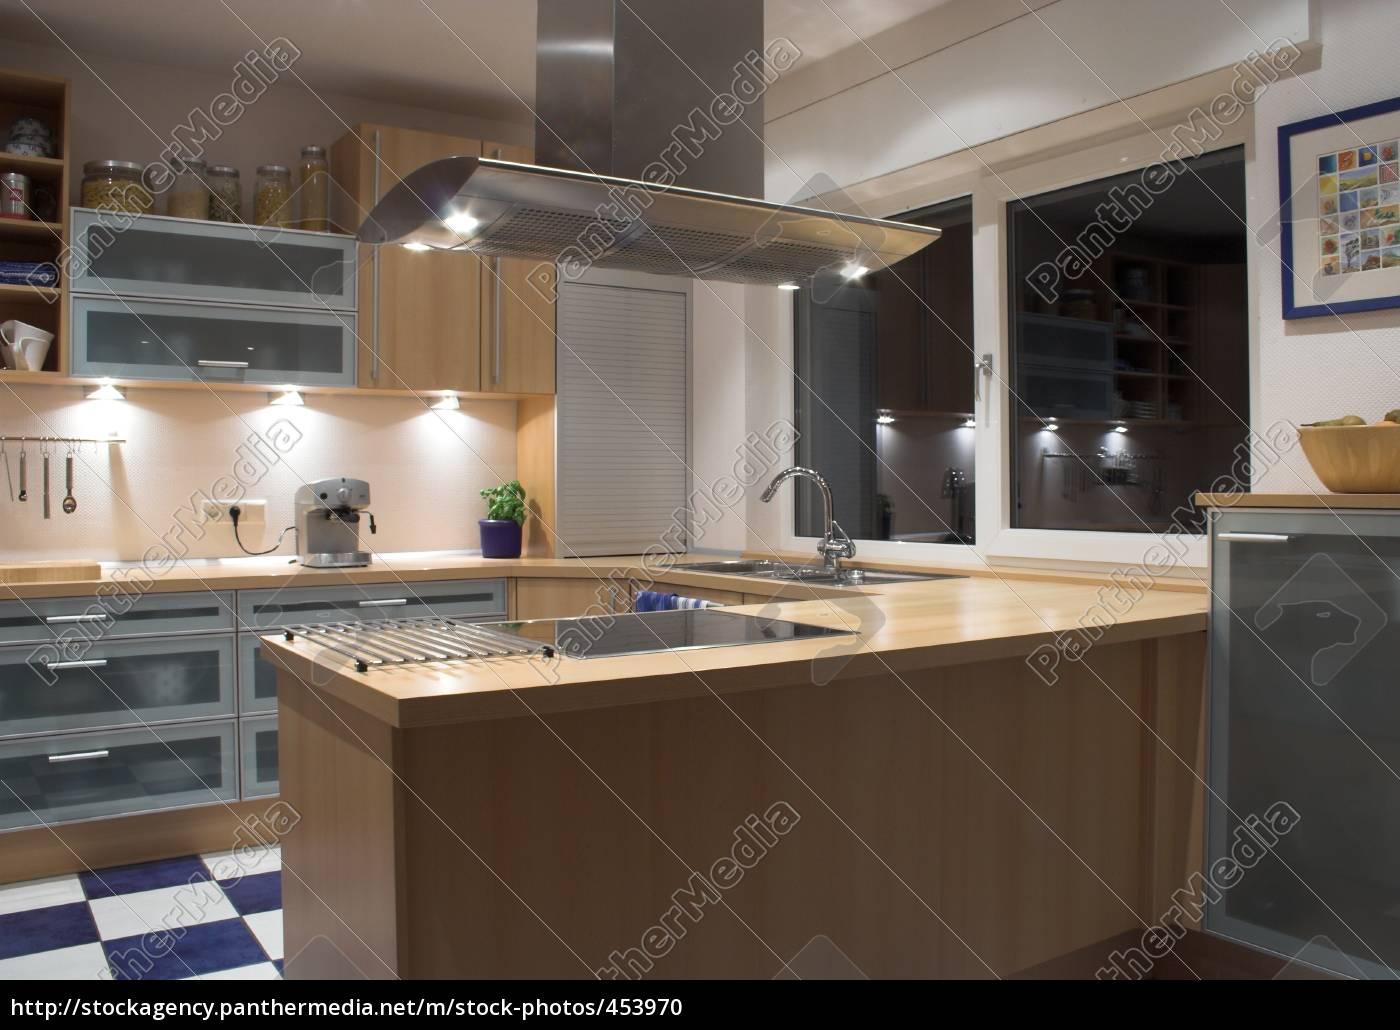 modern, kitchen, 1 - 453970